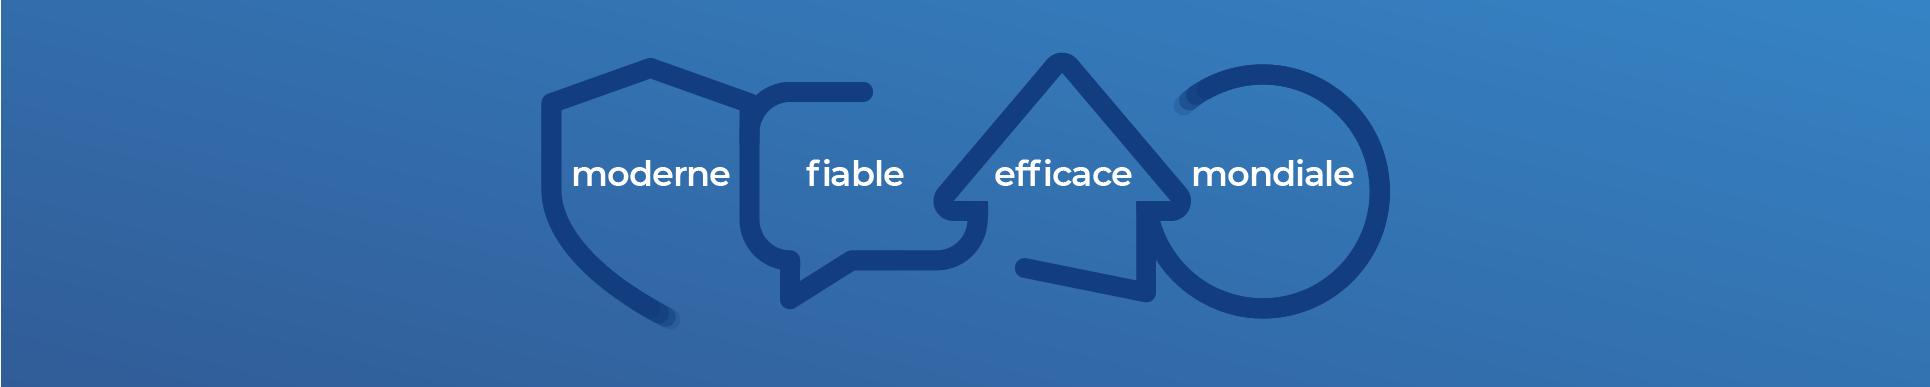 Quatre icônes représentant les quatre priorités de la CCSN : Moderne, fiable, efficace et mondiale